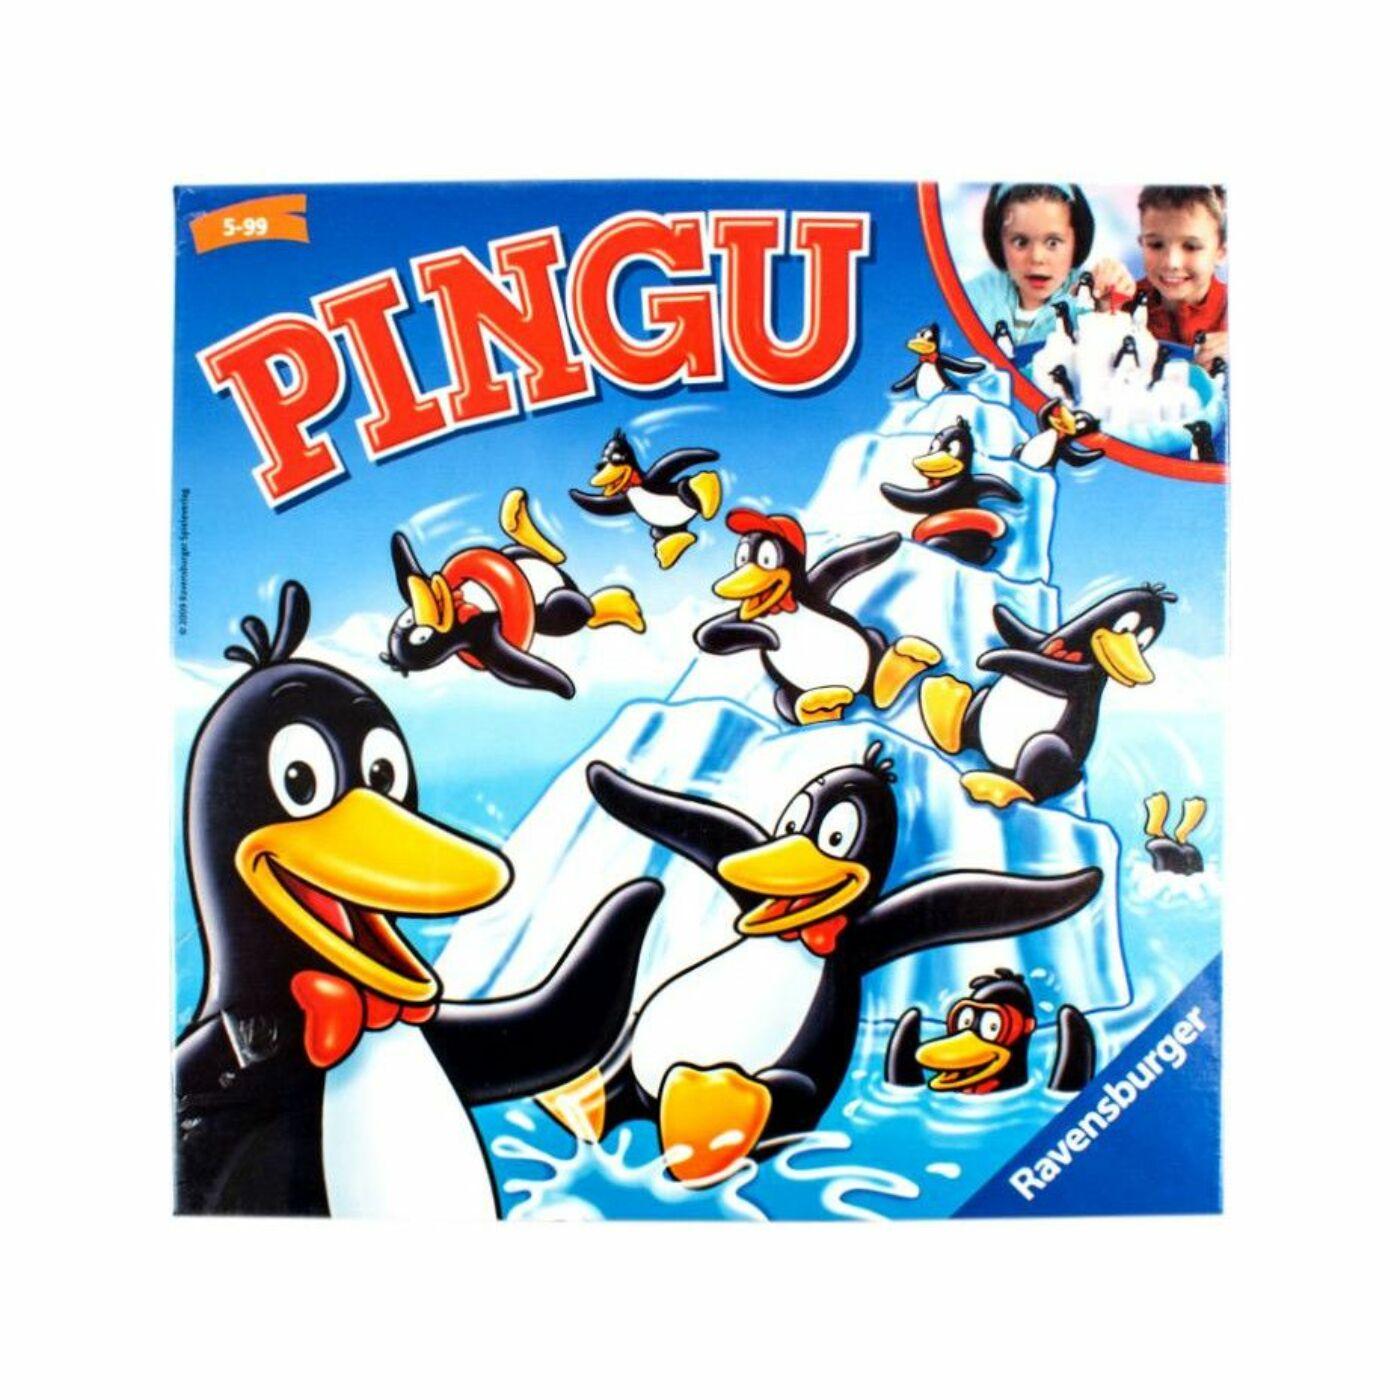 Pingu társasjáték